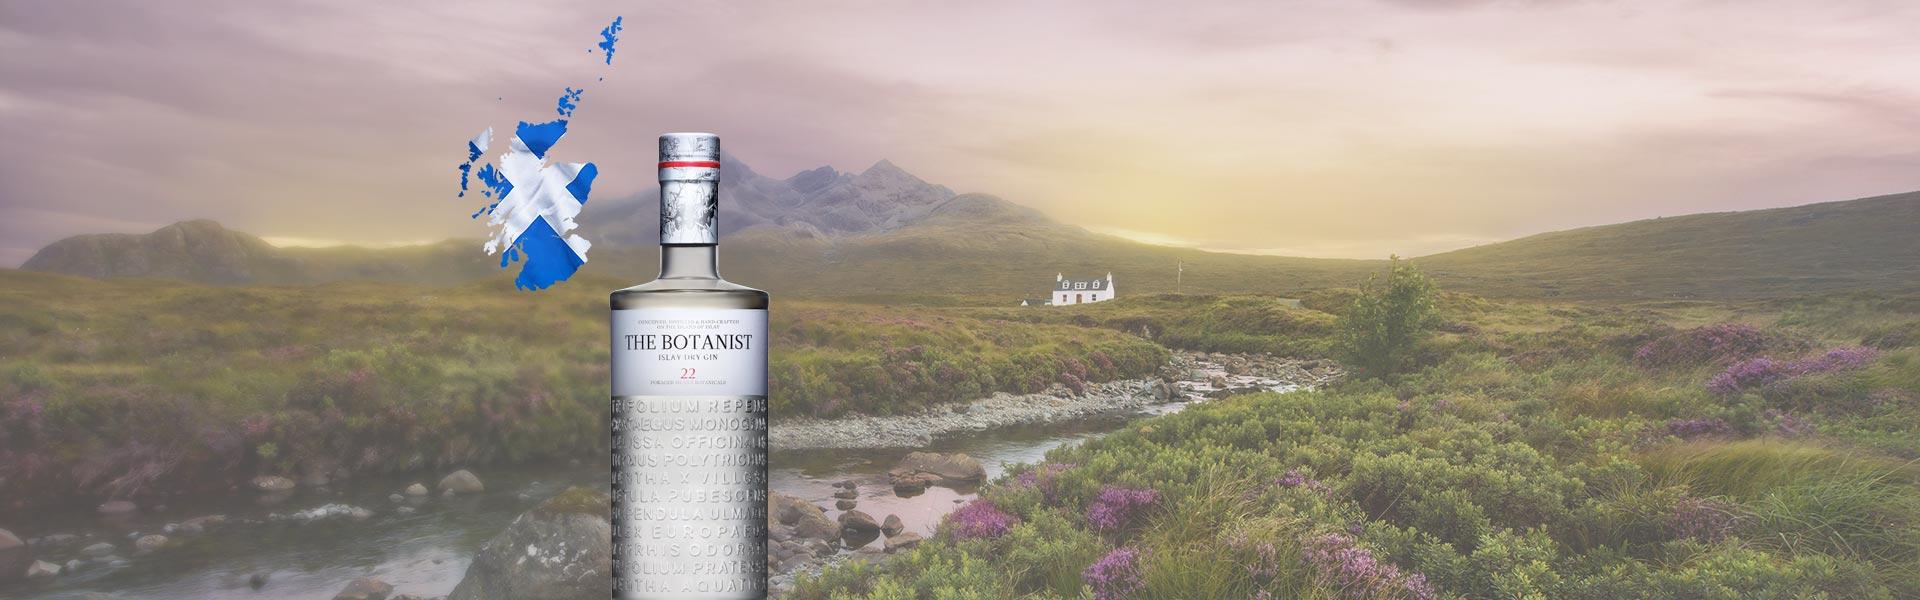 The Botanist 22 Islay Gin